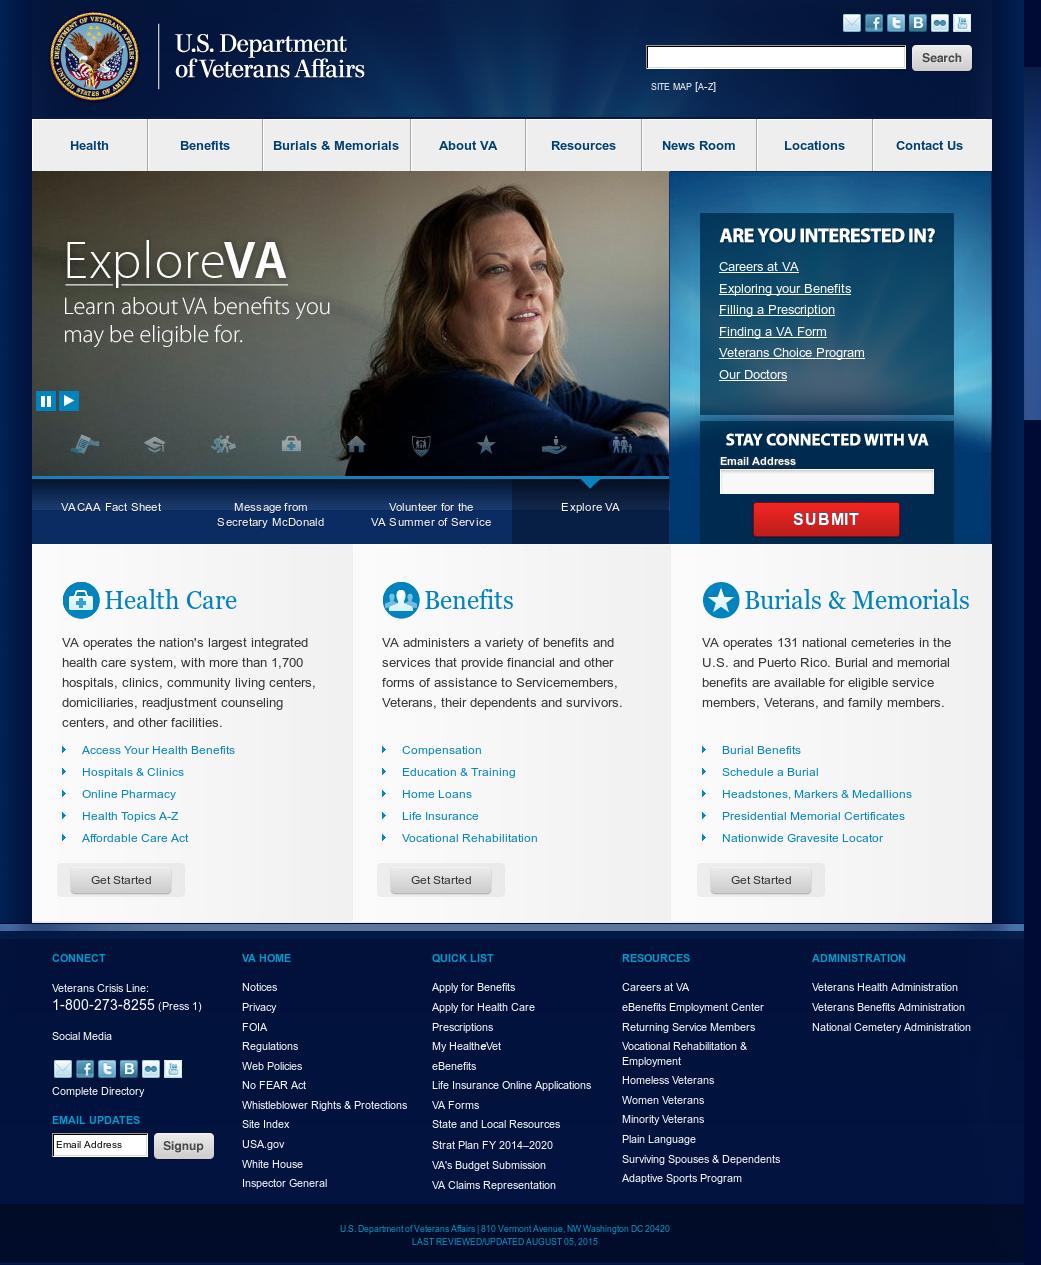 U S  Department of Veterans Affairs Competitors, Revenue and